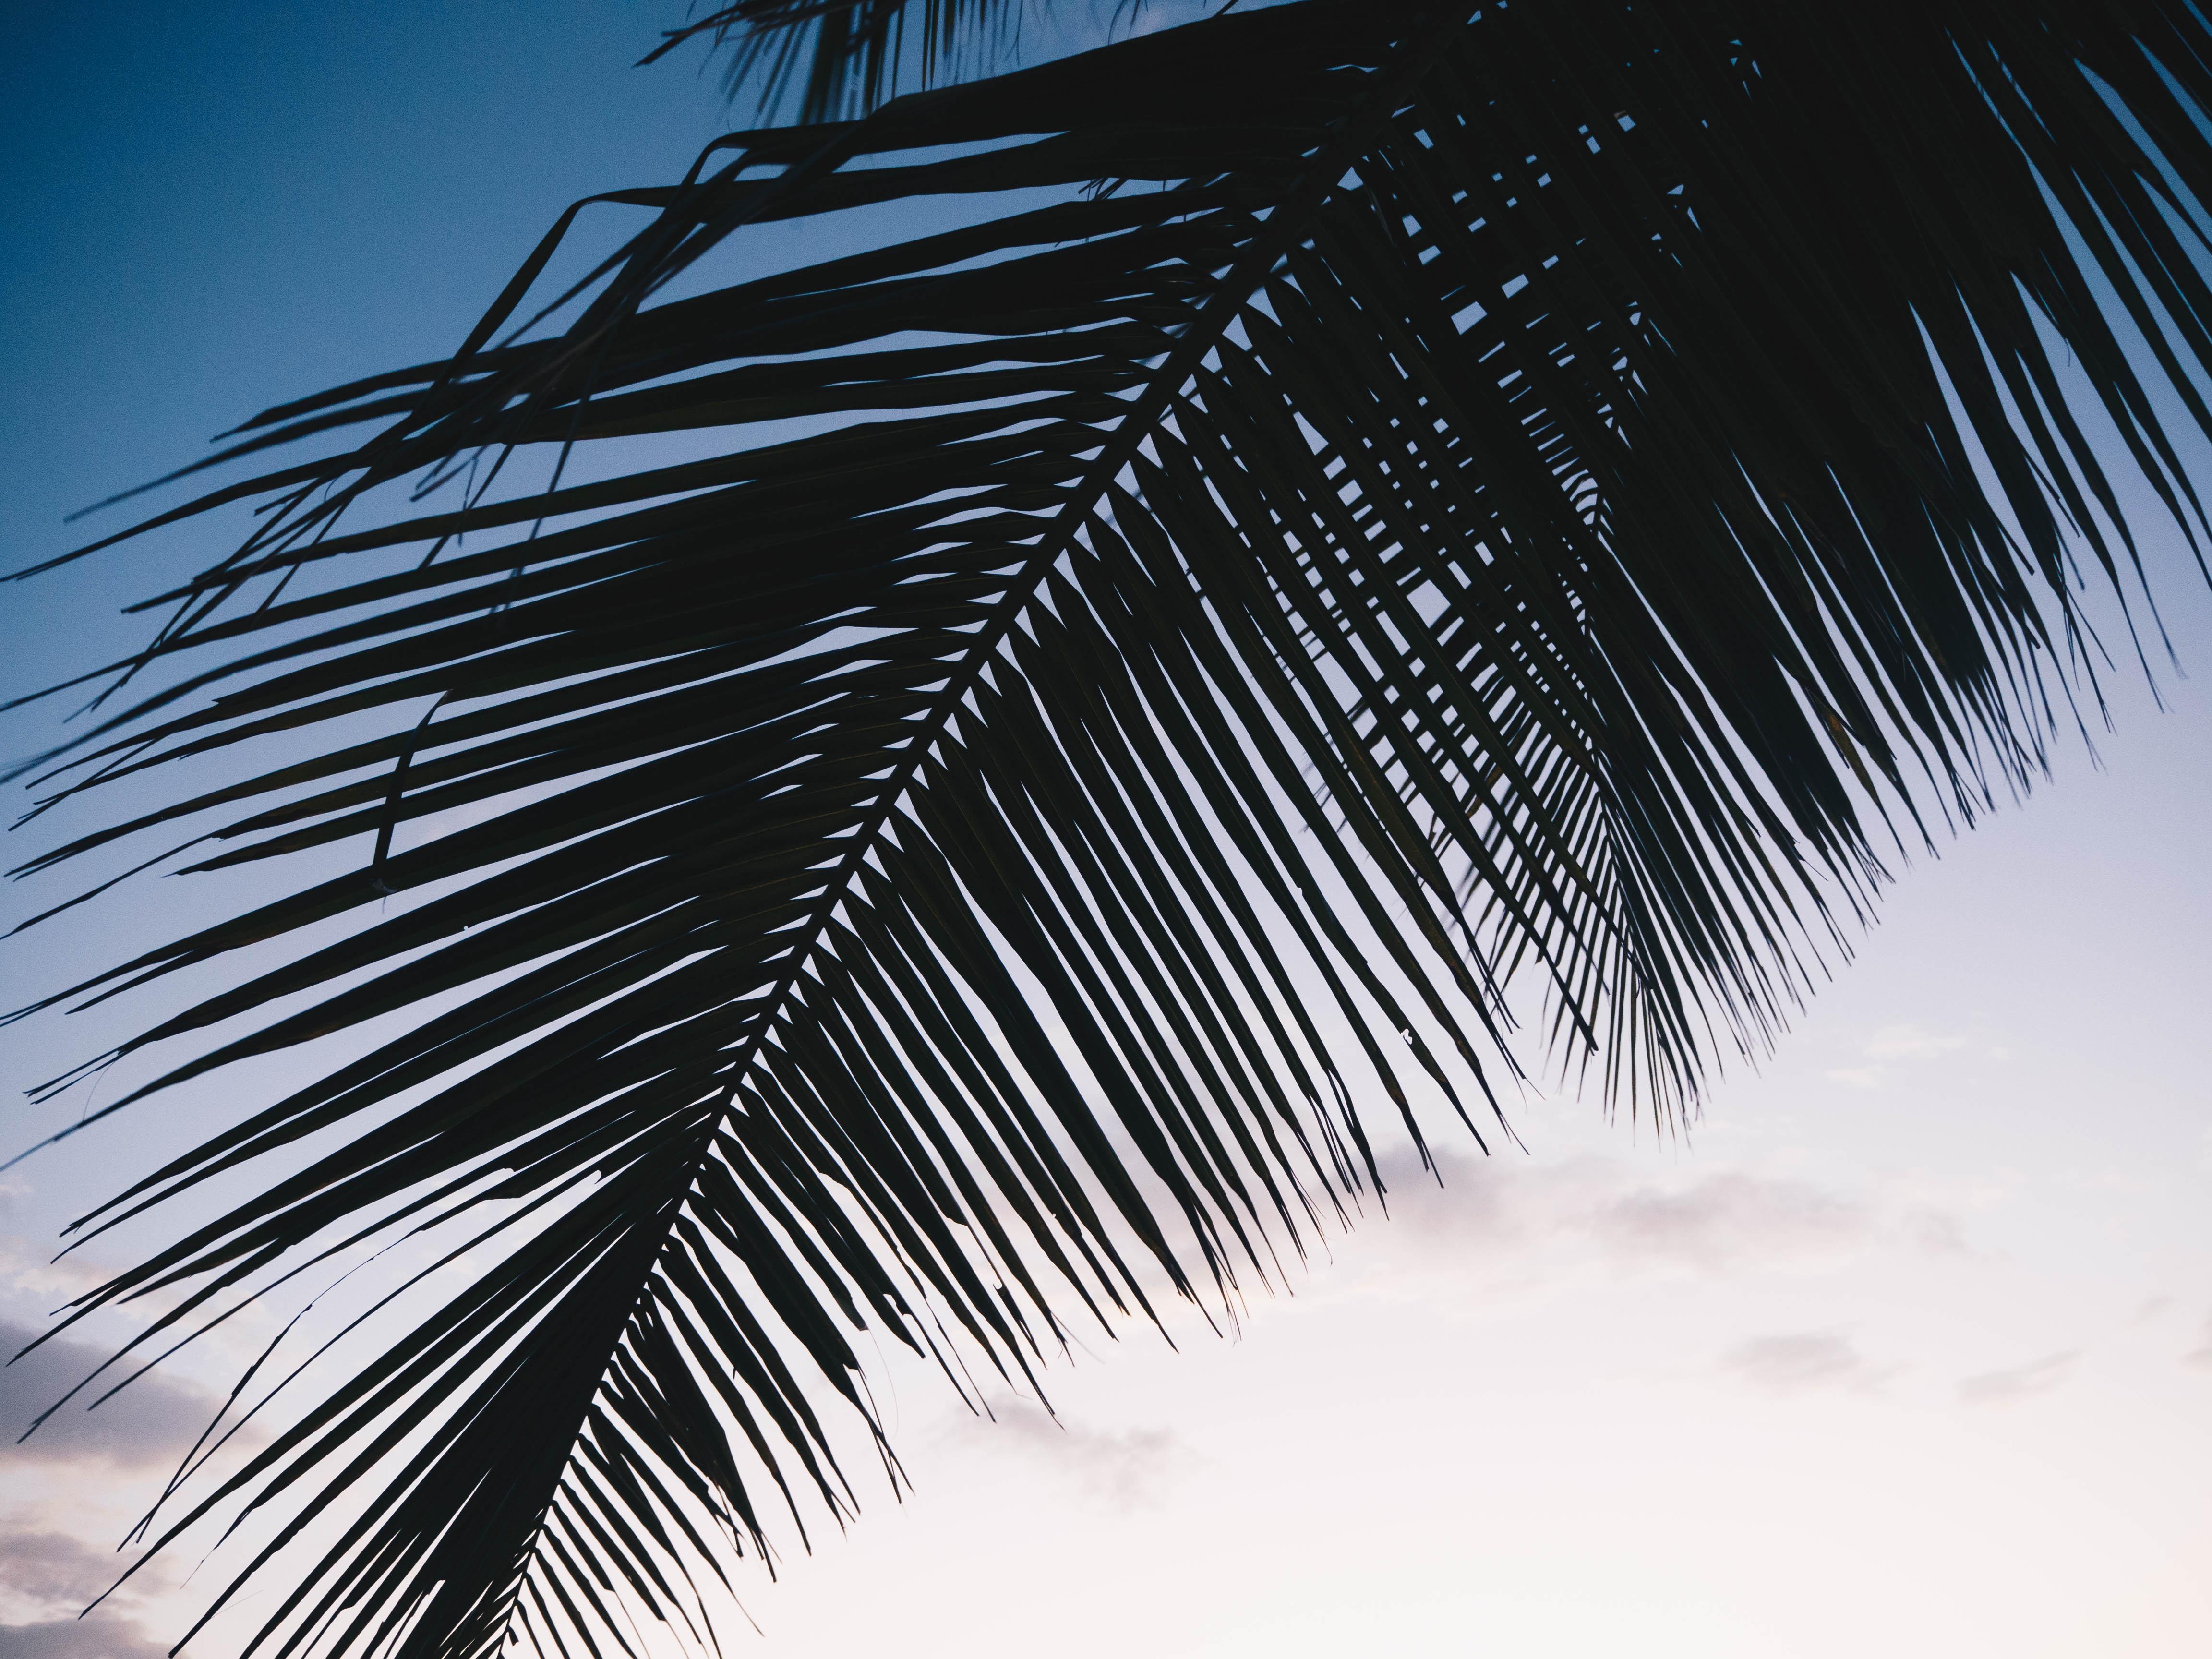 Image for blog article: Pure Bliss in Playa Popoyo- Le bonheur est a Playa Popoyo!